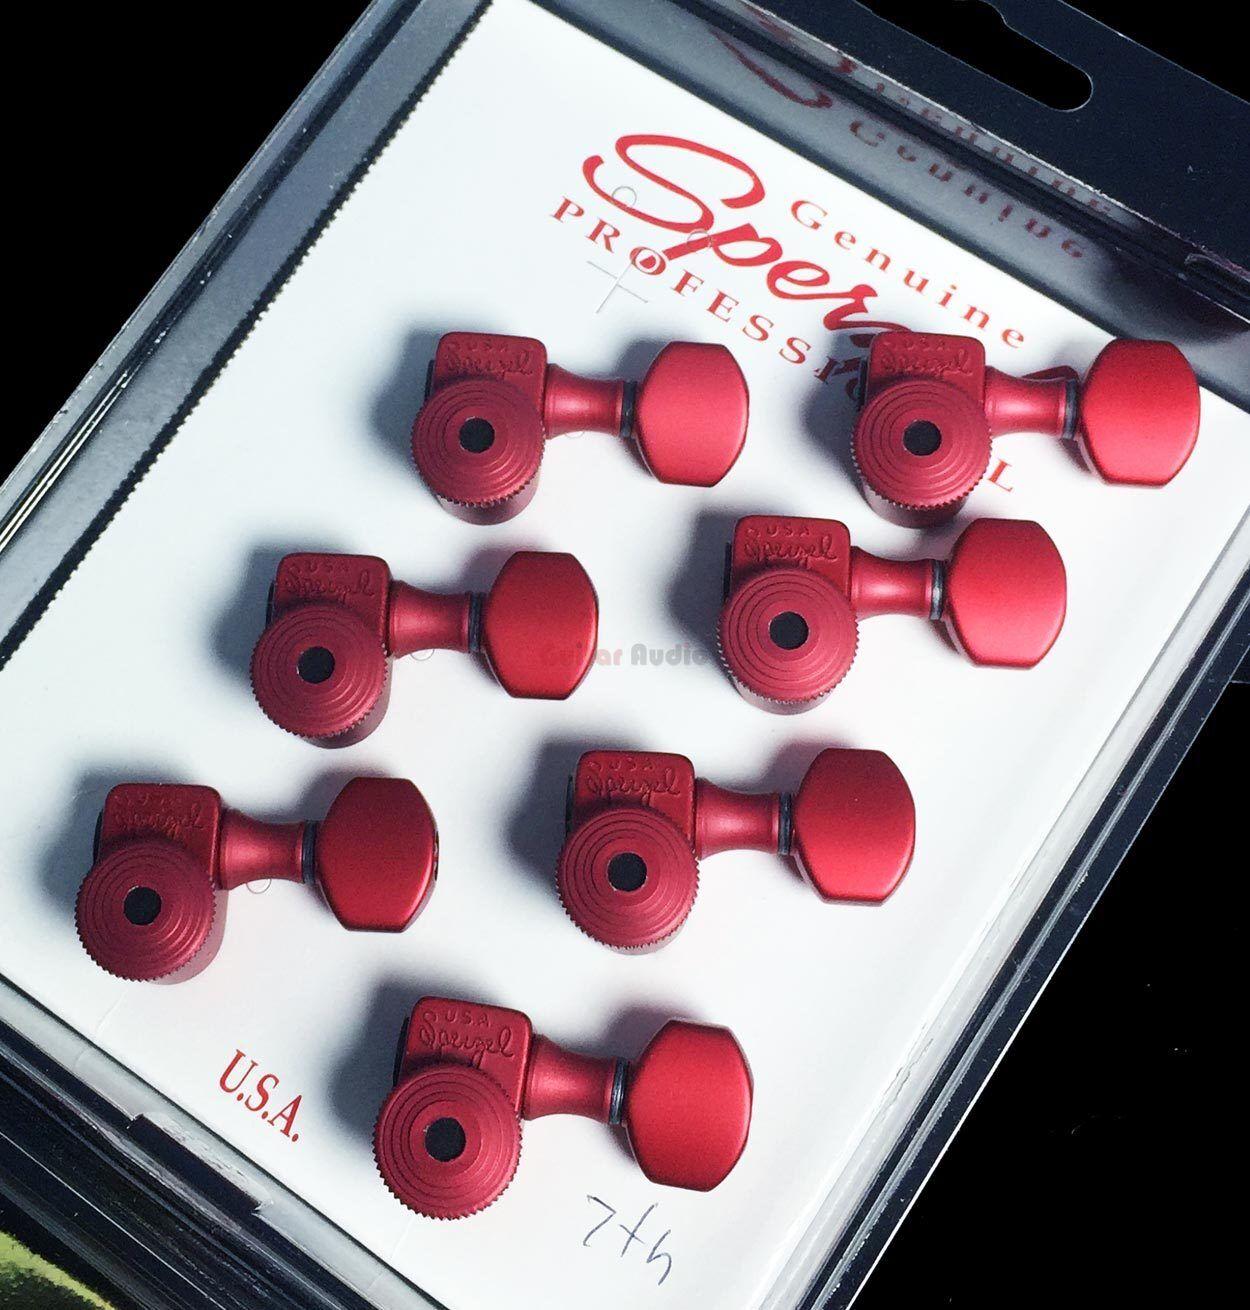 Sperzel 7-cuerdas guitarra en línea trimlok bloqueo sintonizadores Clavijas De De De Afinación-Rojo ef34fc